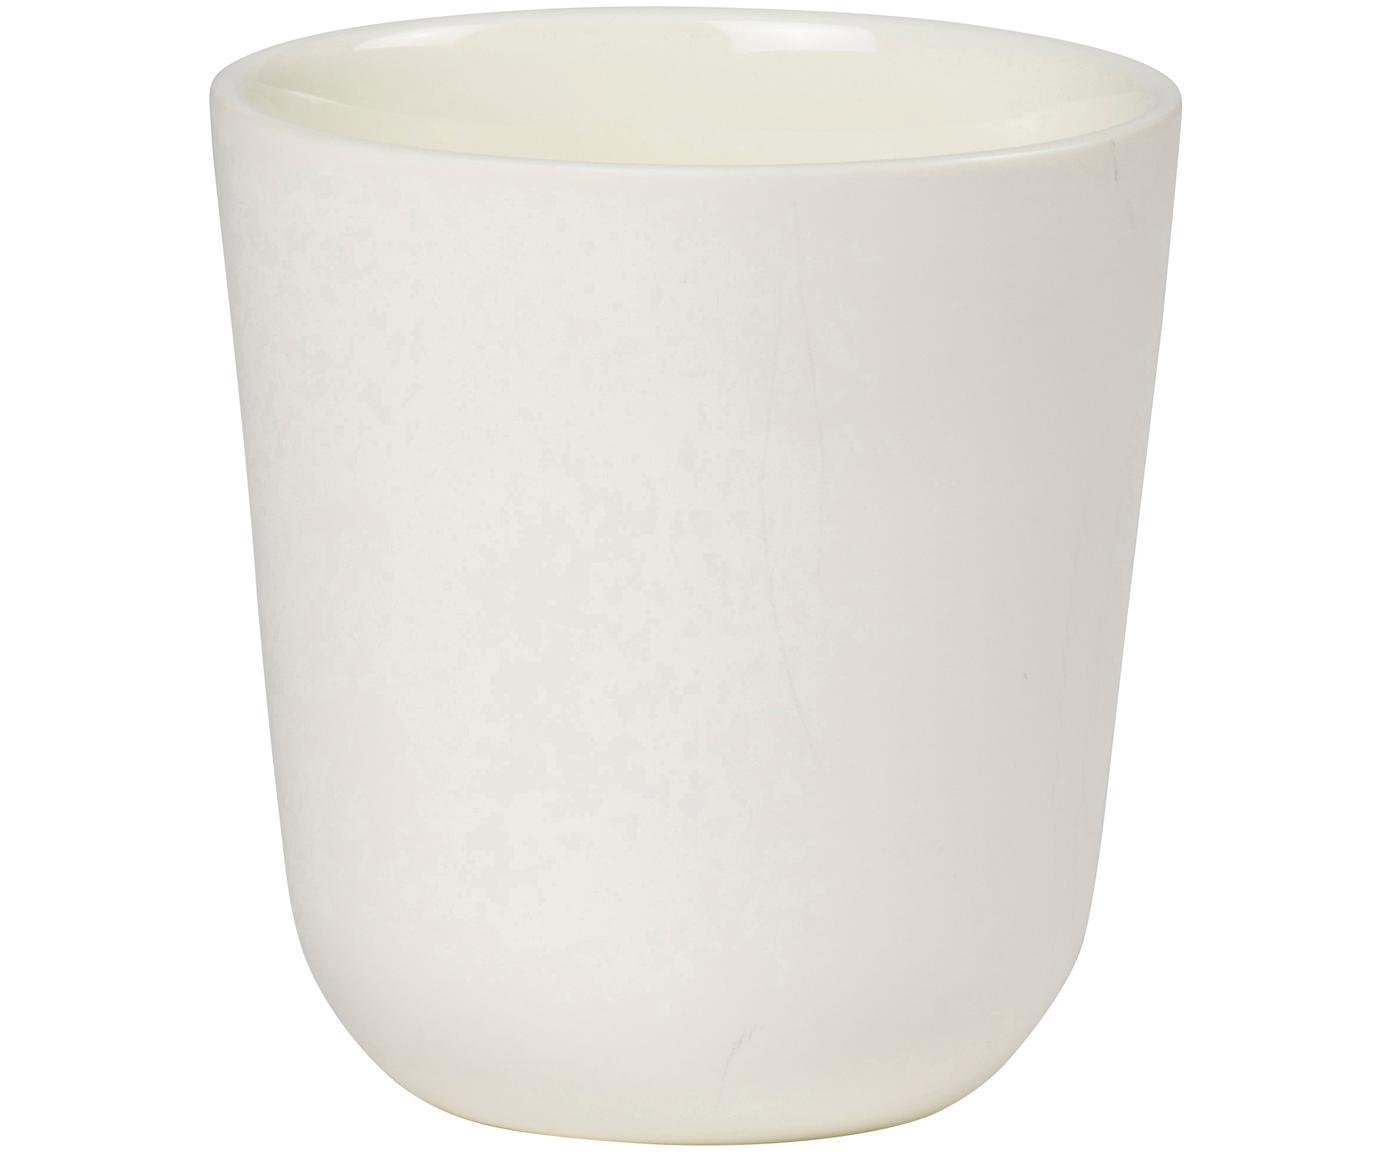 Beker Nudge in wit mat/glanzend, 4 stuks, Porselein, Crèmekleurig, Ø 9 x H 10 cm